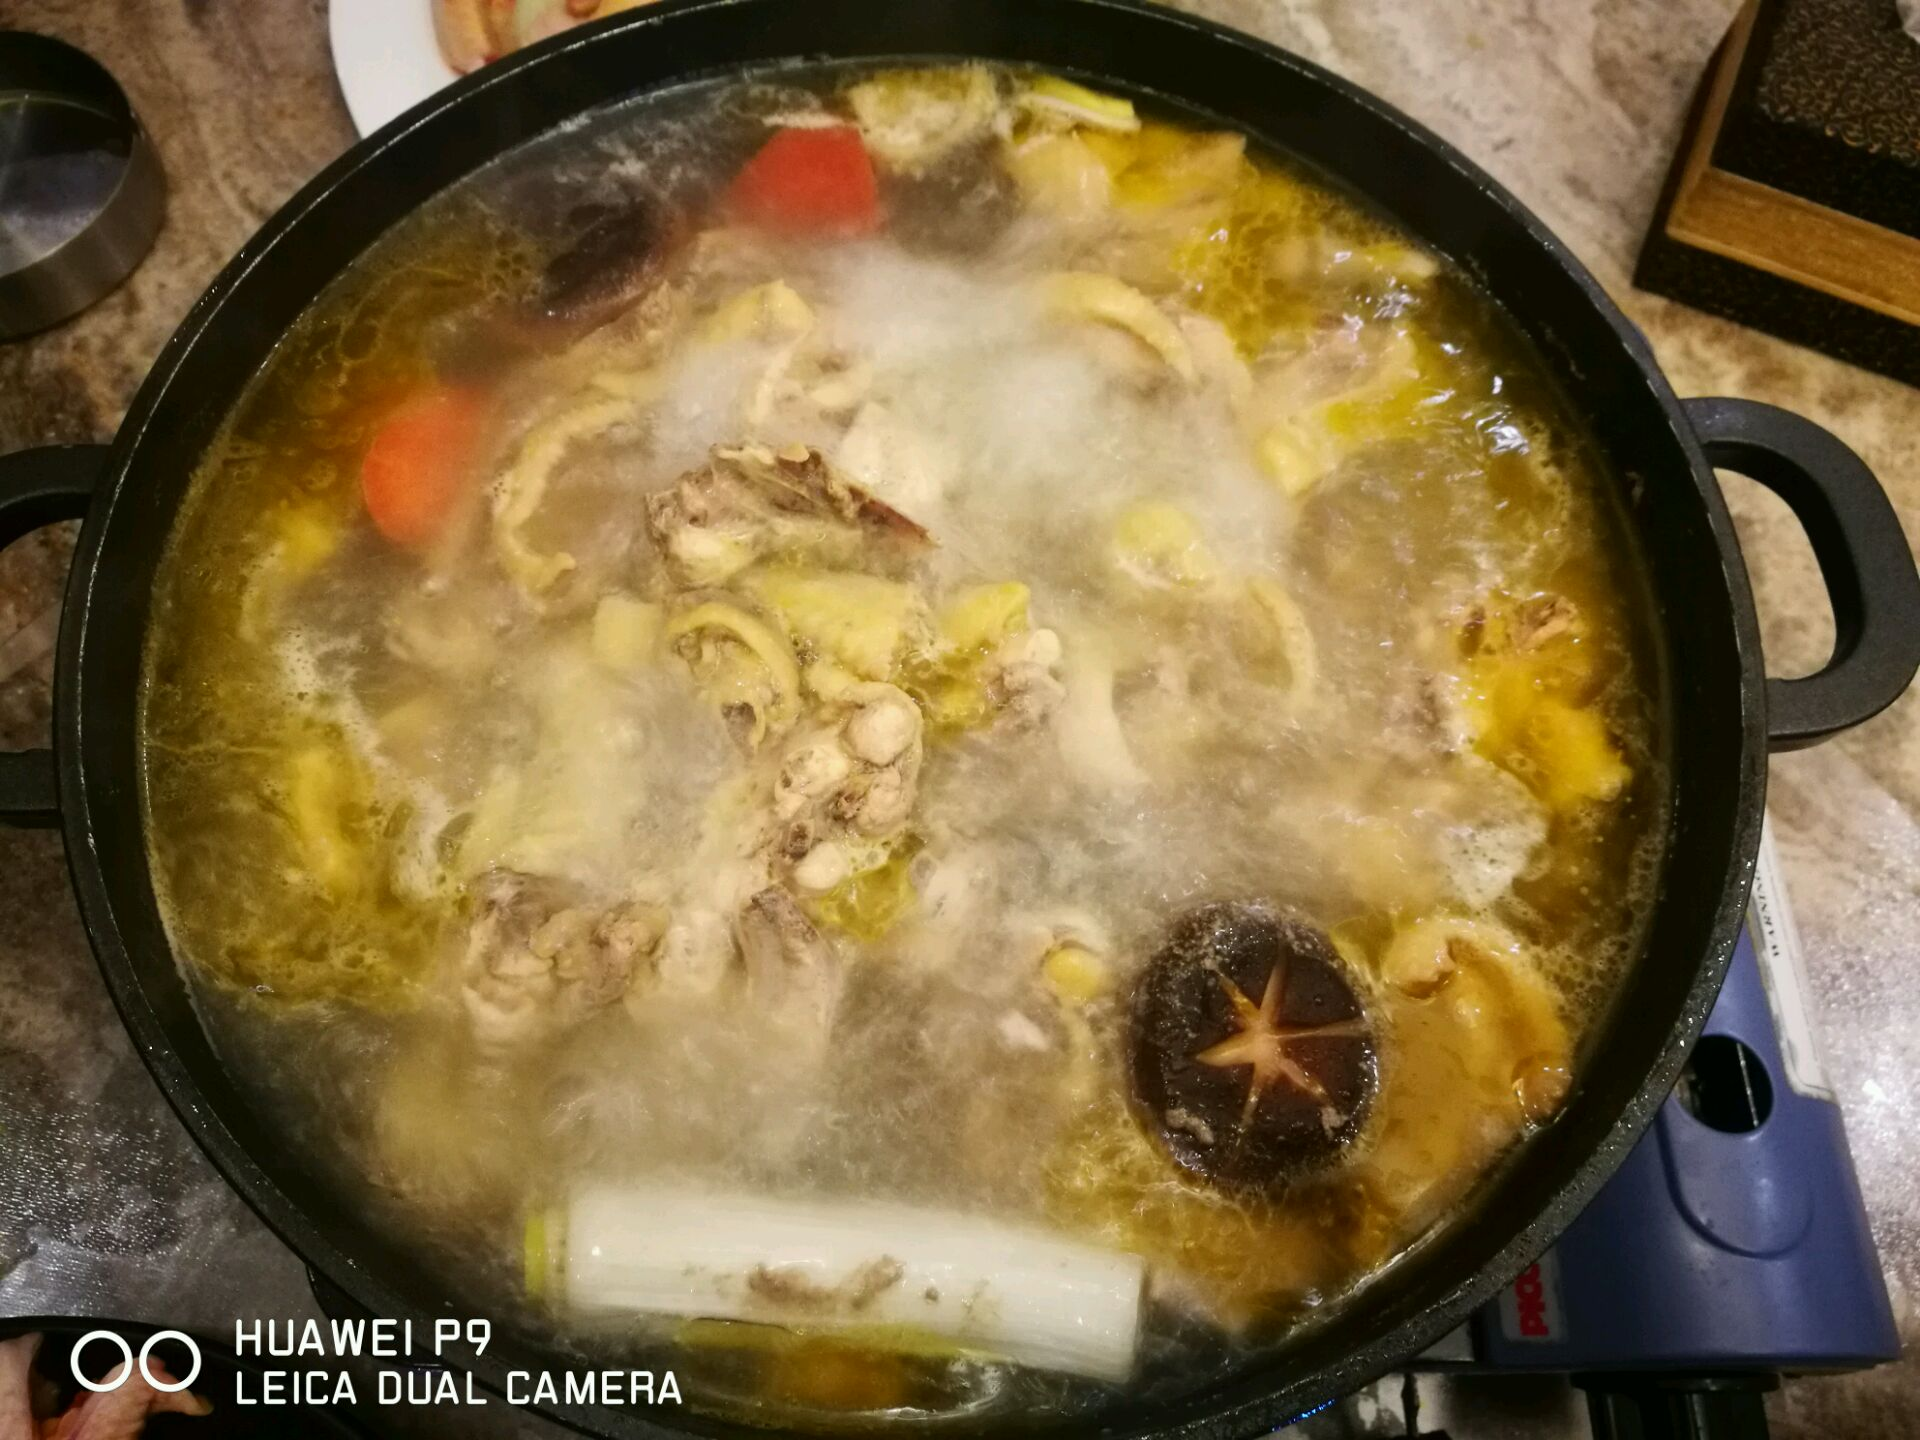 1、鸡的品质很重要,新鲜的,不要冷冻的;鸡不要太大,太肥的,建议骟鸡或公鸡,清远鸡和走地鸡最好,我买不到,所以是三黄鸡;母鸡不超过两斤半也可以;可以在菜场请鸡贩帮你斩件,长条比较容易熟。 2、清汤汤底先入材料烧沸,高汤都不要,清水和最普通的简单食材姜片马蹄红白萝卜玉米段葱段一滚即可,是为了突出后面的主食材,鸡块的本味和质地,当然高汤也行,但是感觉太过厚重了。 3、锅底如果真不想用清水,建议用碎米(泰国香米入料理机打碎)提前半小时熬毋米粥粥底,做成粥底火锅,其它配料不变,味道比清水锅底更好。 4、汤底少放盐